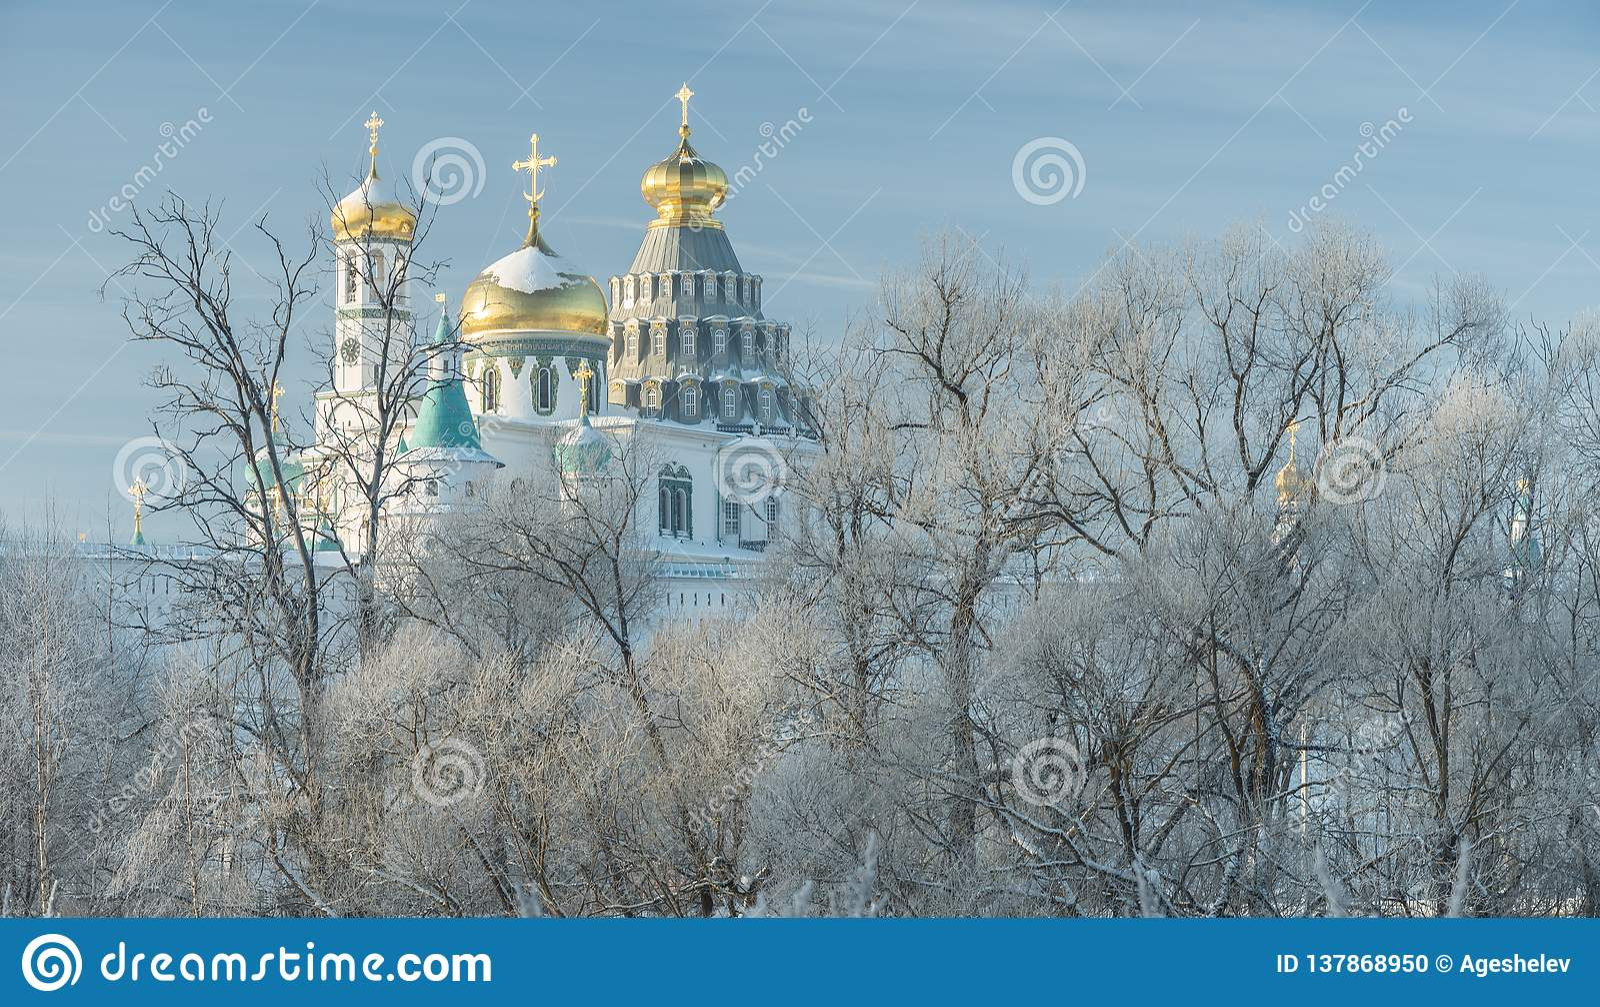 Monasterio, catedral, bóveda, ortodoxia, cruz, iconos, capillas